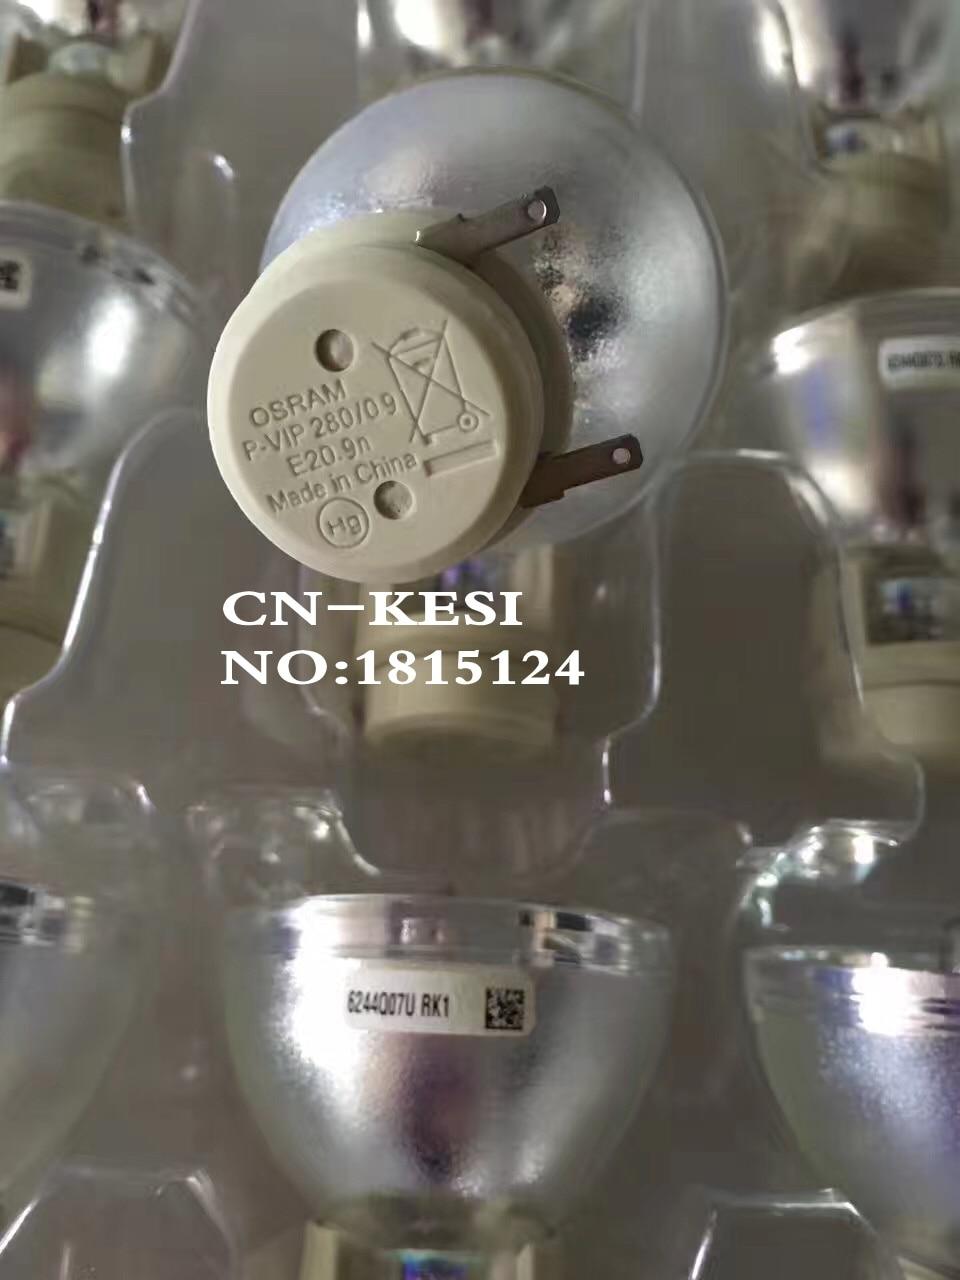 Original VIP 280W BL-FP280E / DE.5811116519 Projector Lamp bulb for Optoma EX779 EX779i EH1060 EH1060i TH1060 TX779 Projector replacement projector lamp bl fp280e de 5811116519 sot de 5811116885 so for optoma eh1060 eh1060i ex779 ex779i th1060 tx779